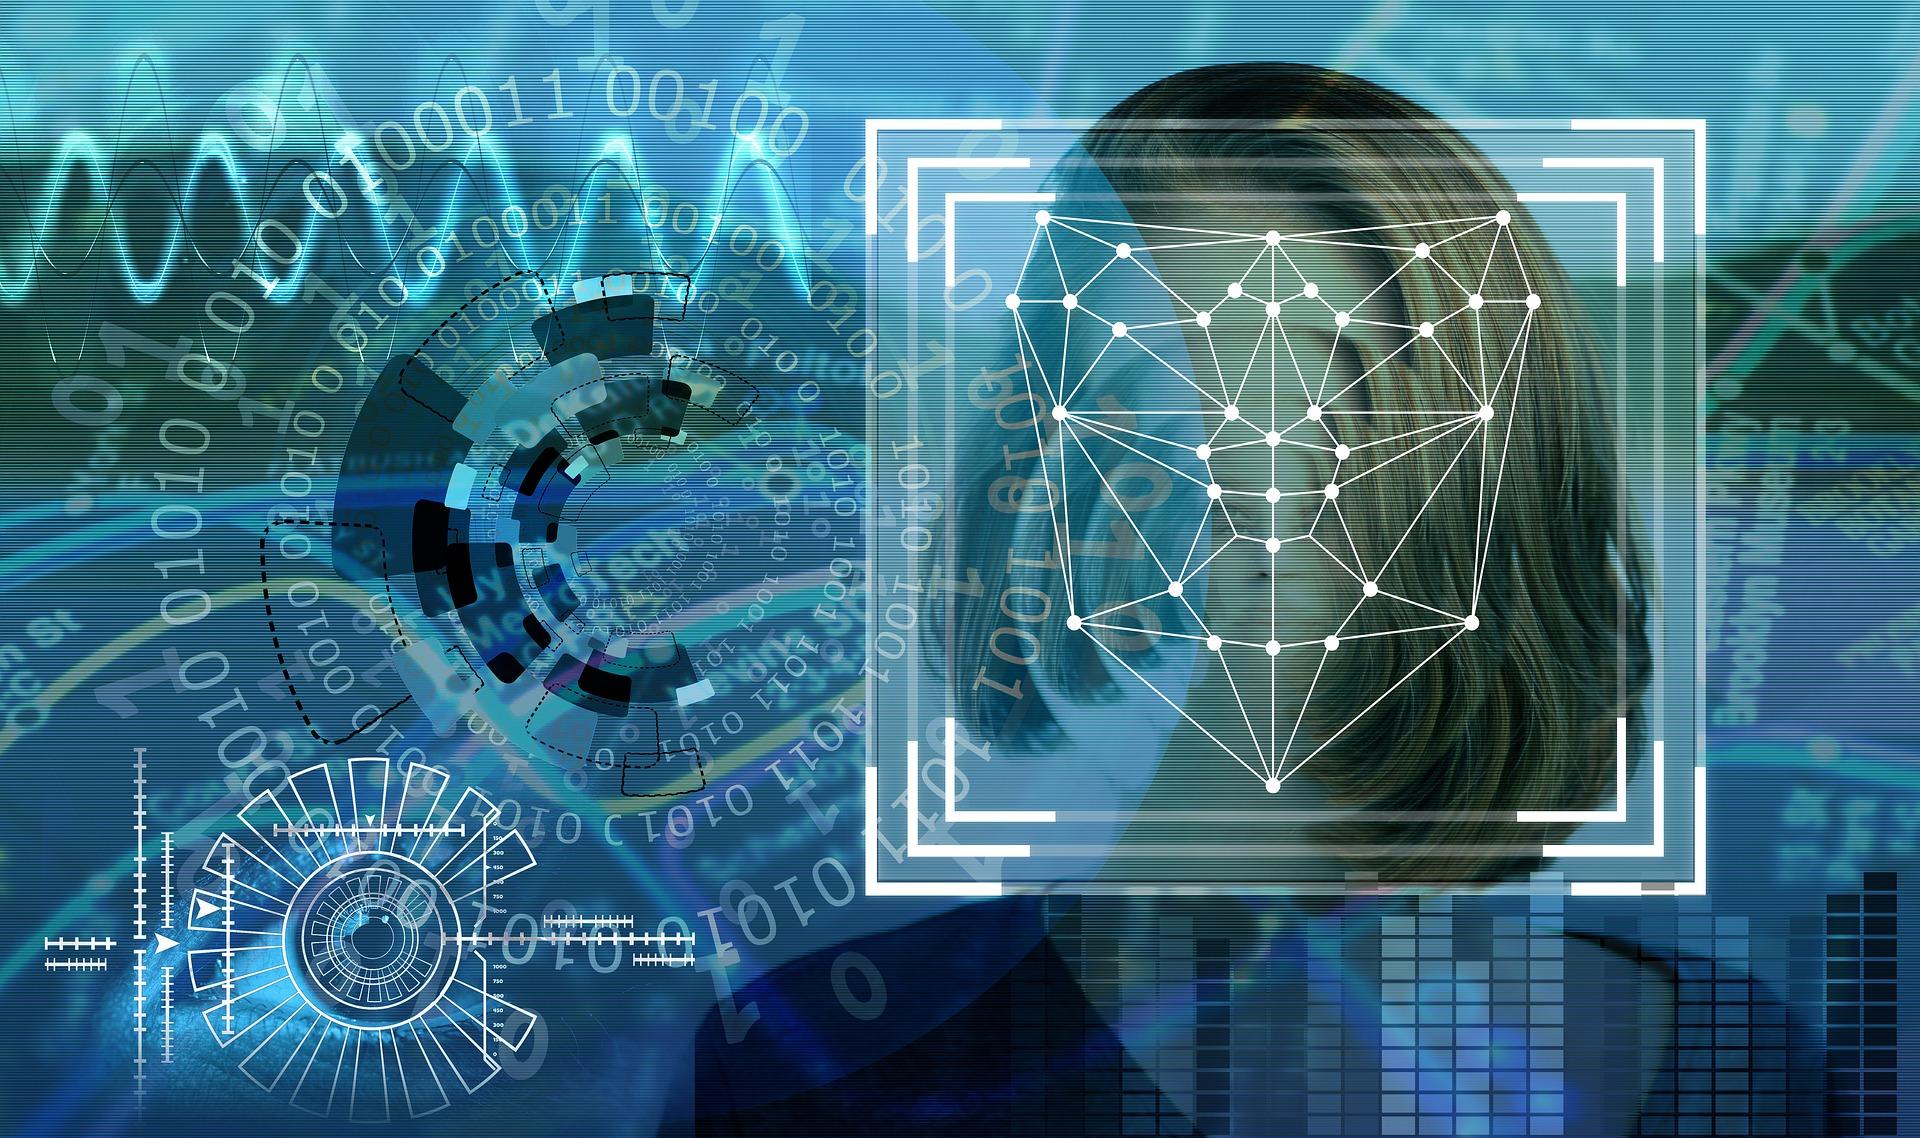 Ein Frauenkopf vor blauem Hintergrund mit allerlei Computersymbolik, die Analysen suggerieren sollen.